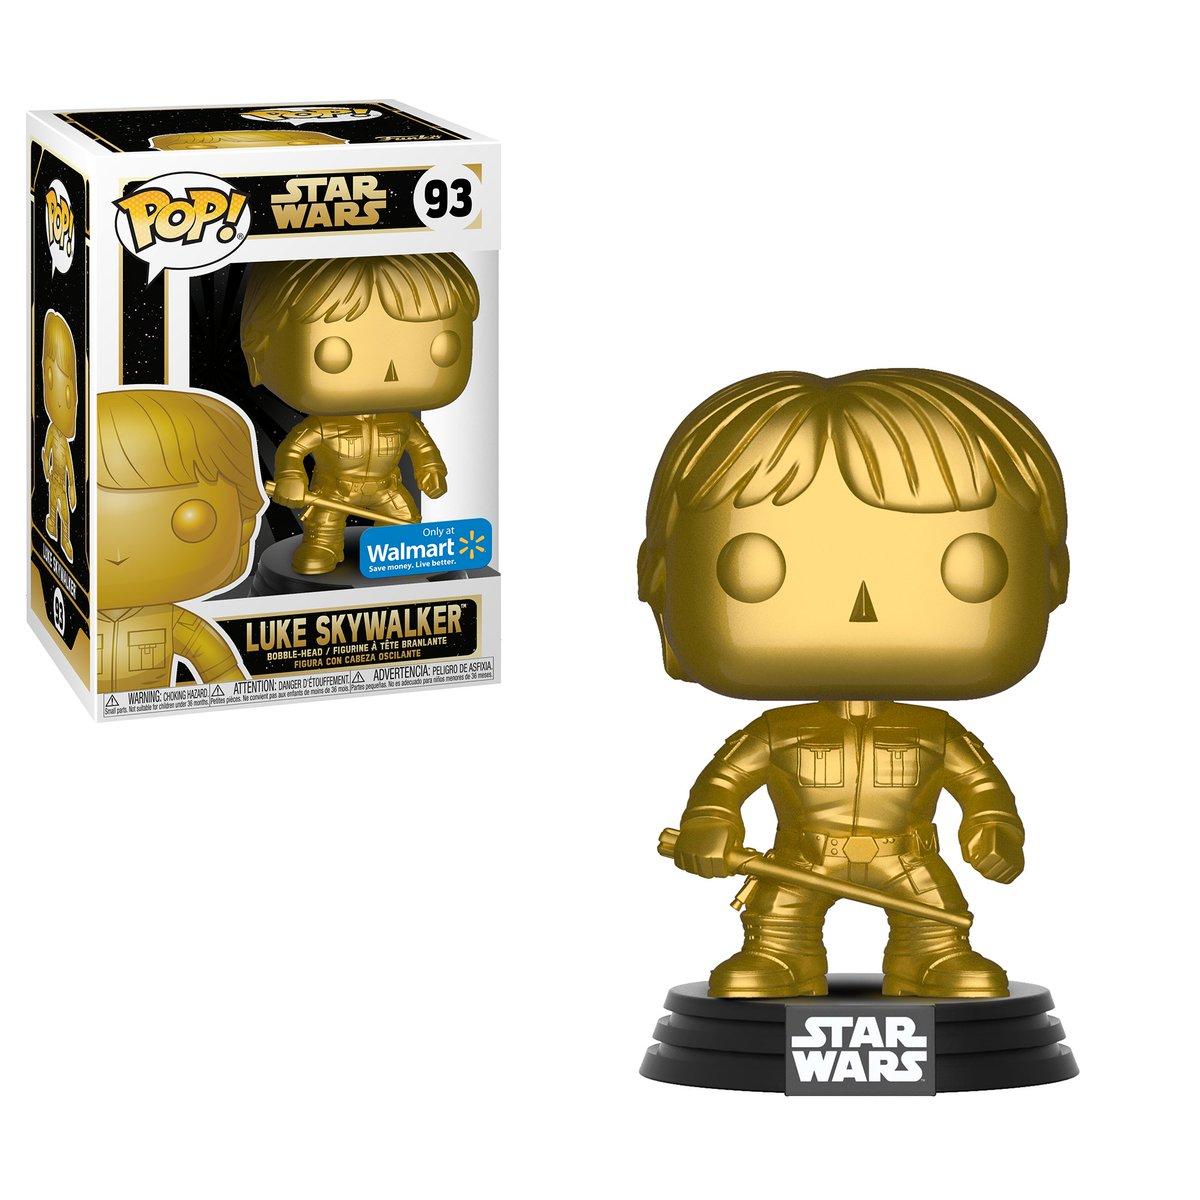 RT & follow @OriginalFunko for a chance to WIN a @walmart exclusive Gold Luke Skywalker Pop! #Funko #FunkoPop #Giveaway #pop #exclusive #starwars #LukeSkywalker